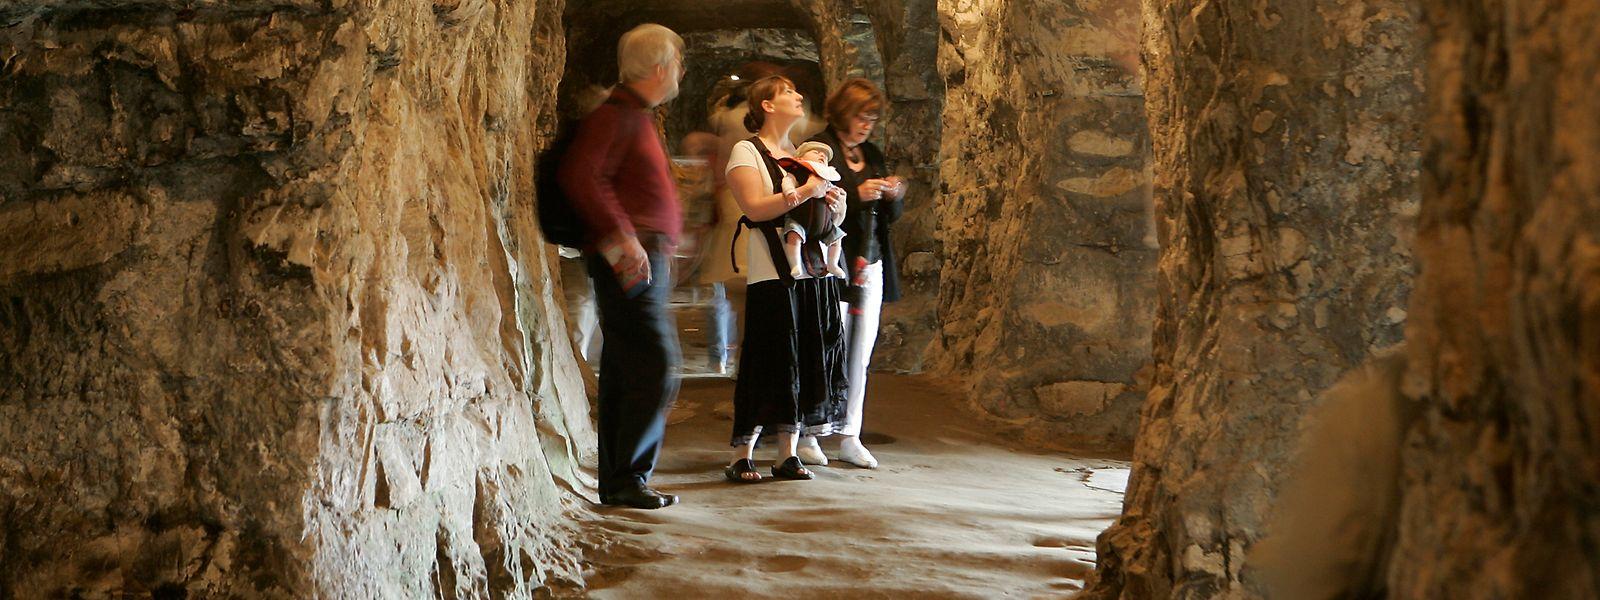 Ein Besuch in den Kasematten des Bockfelsens ist ein besonderes Erlebnis.